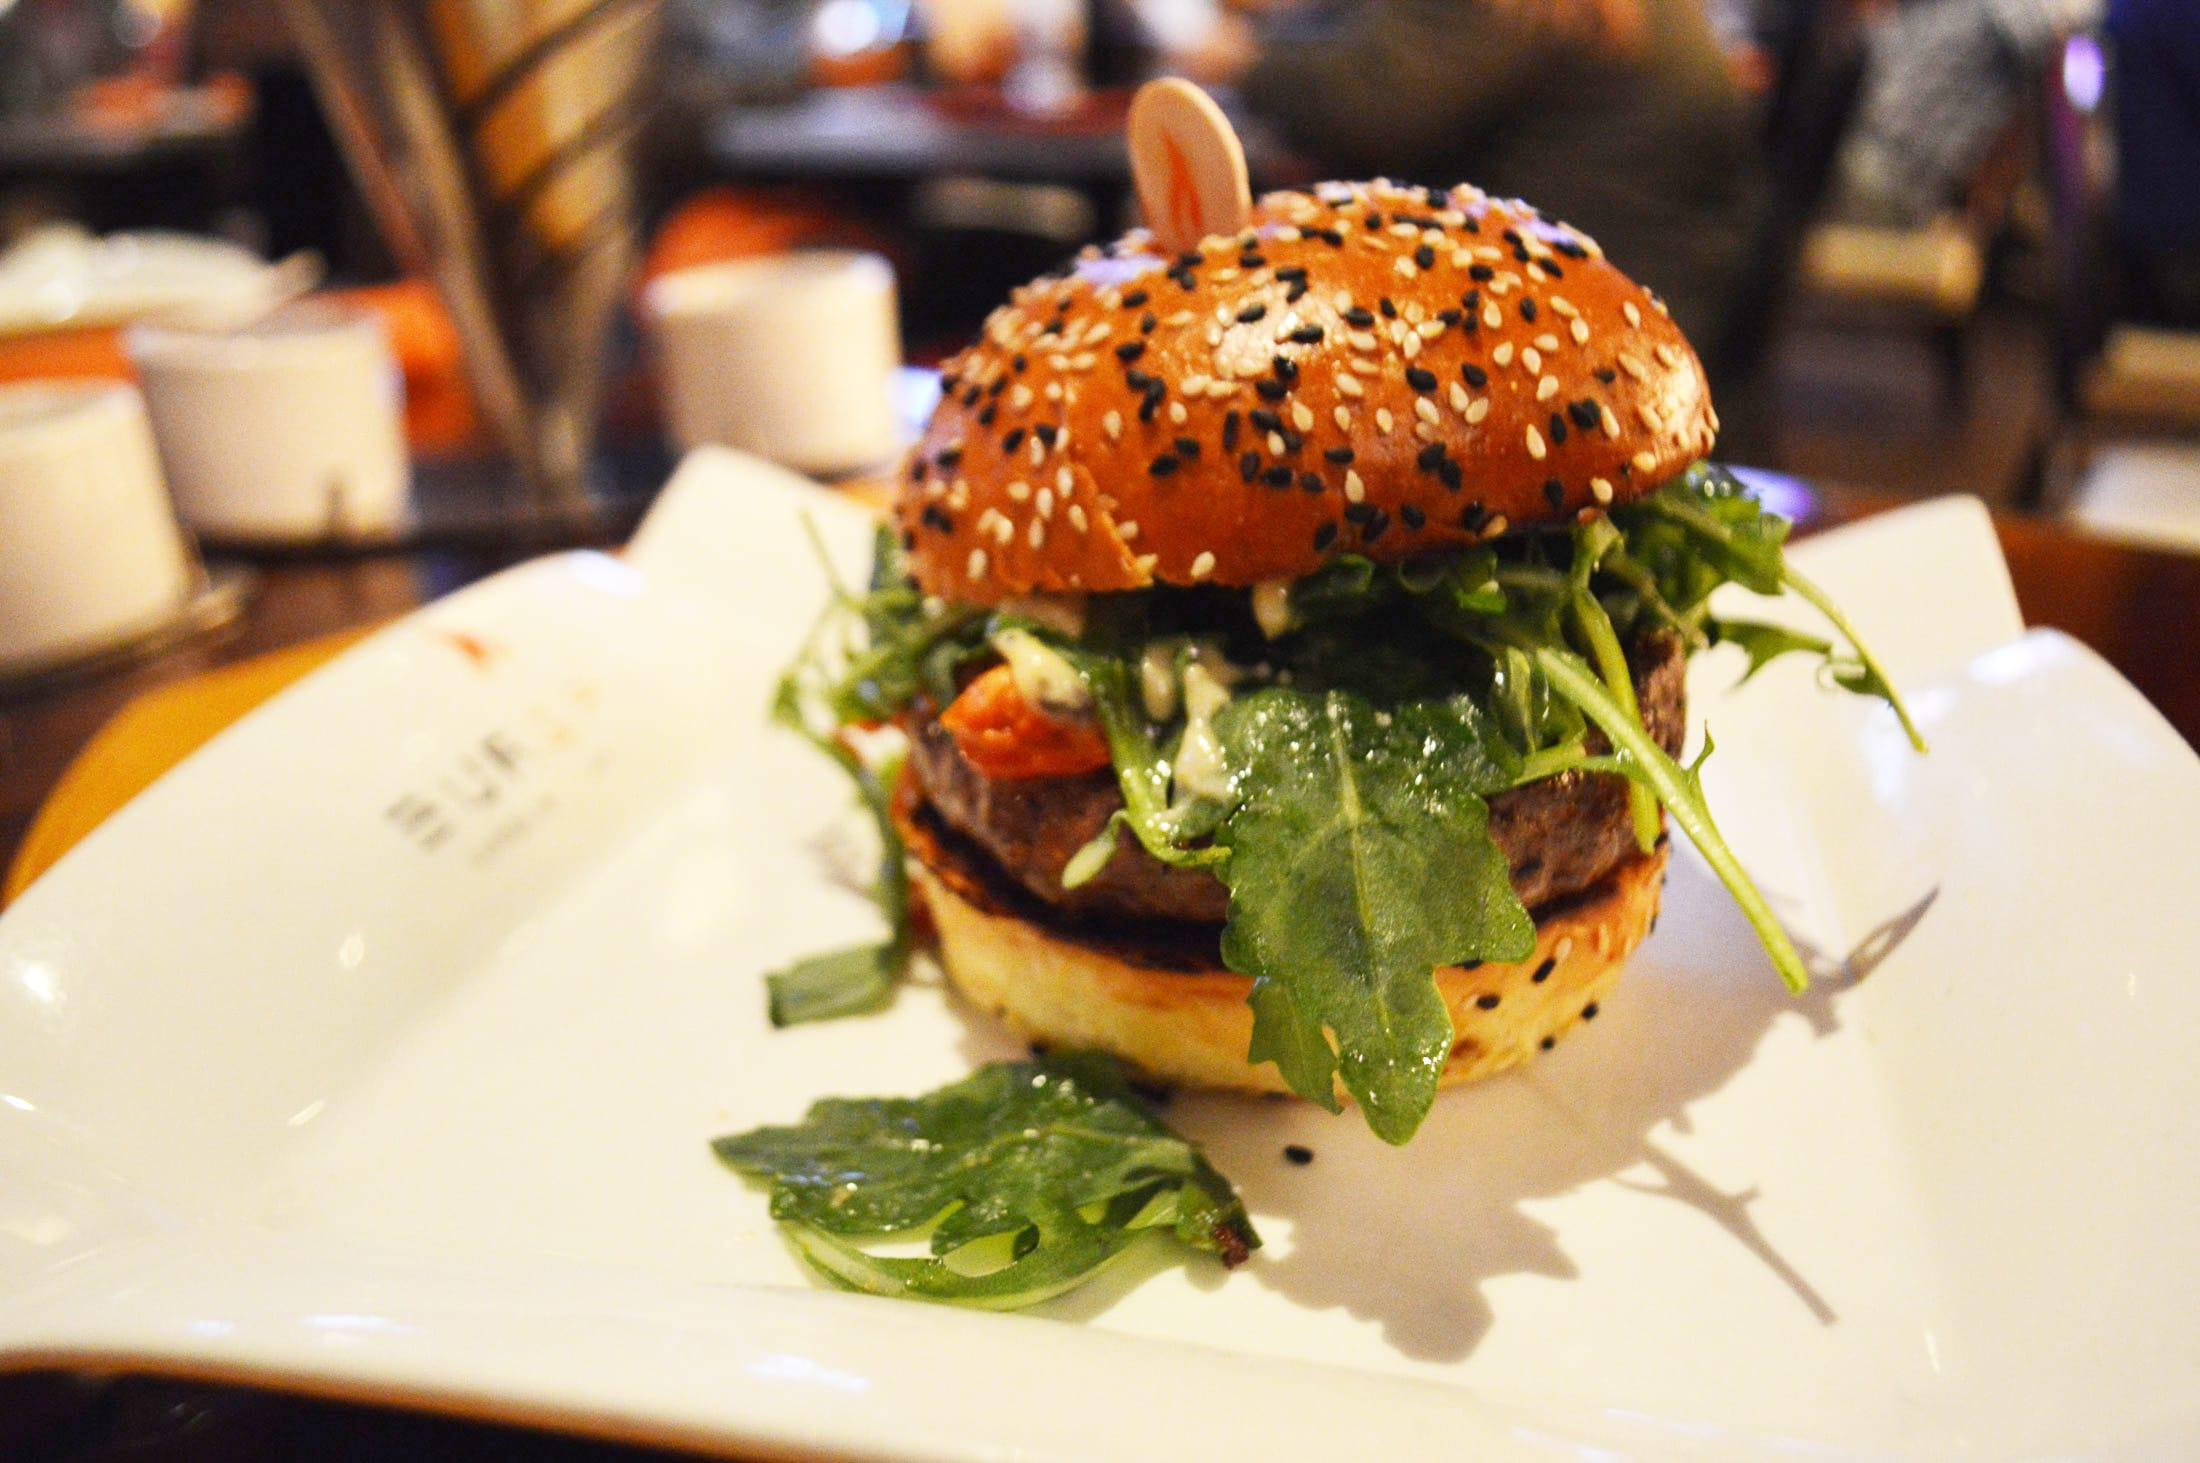 Euro burger - Gordon Ramsay's burGR